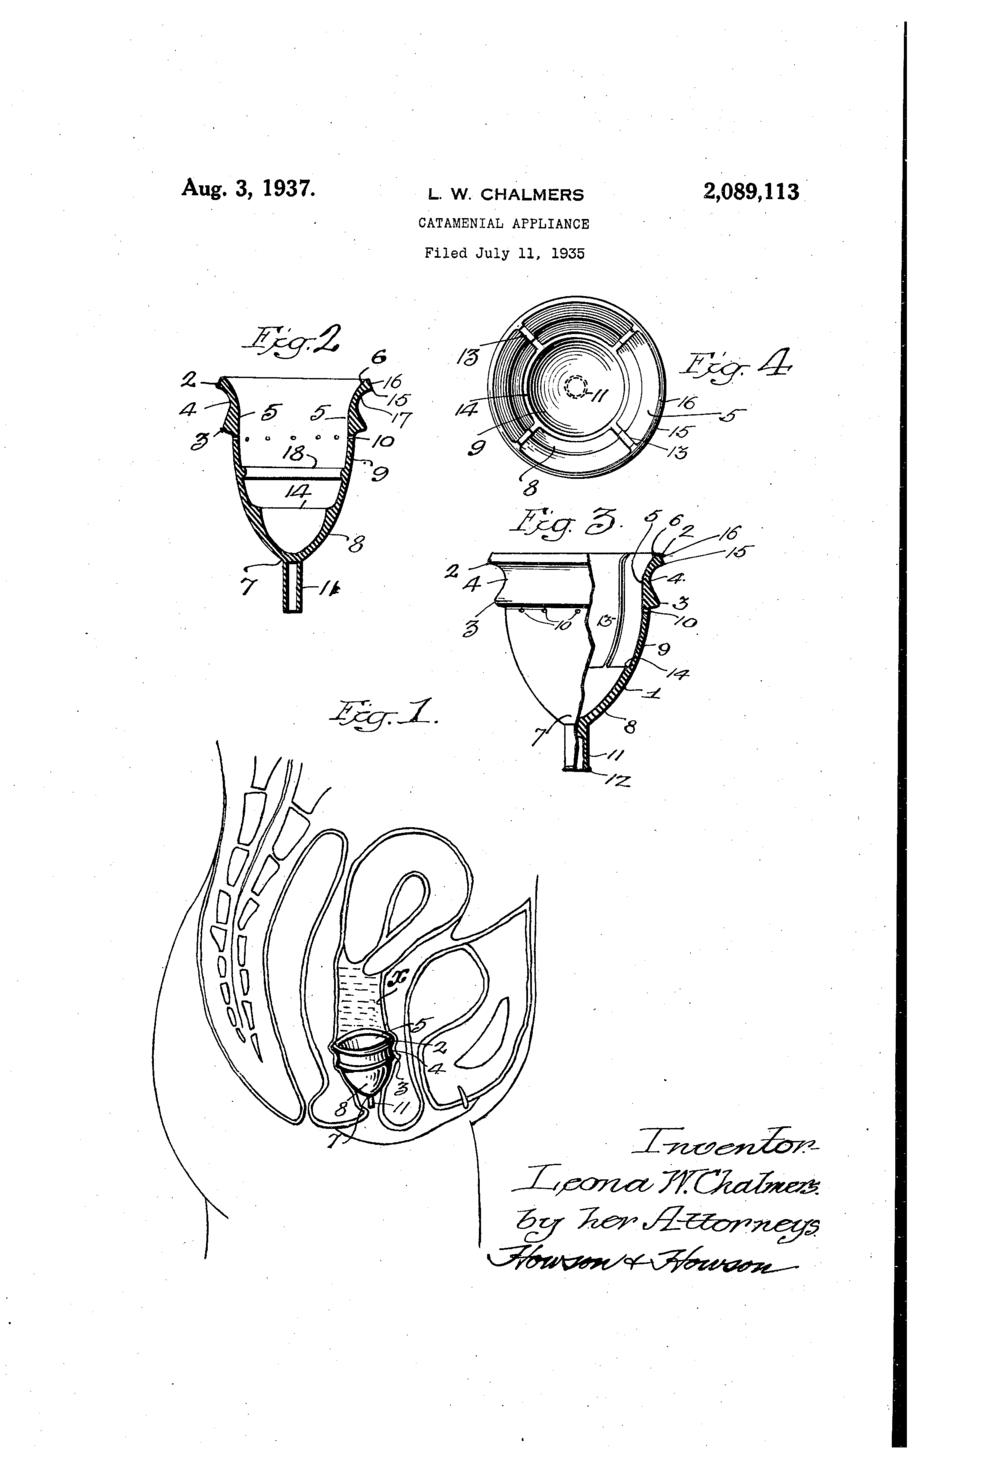 Photo Courtesy of  Catamenial Patents